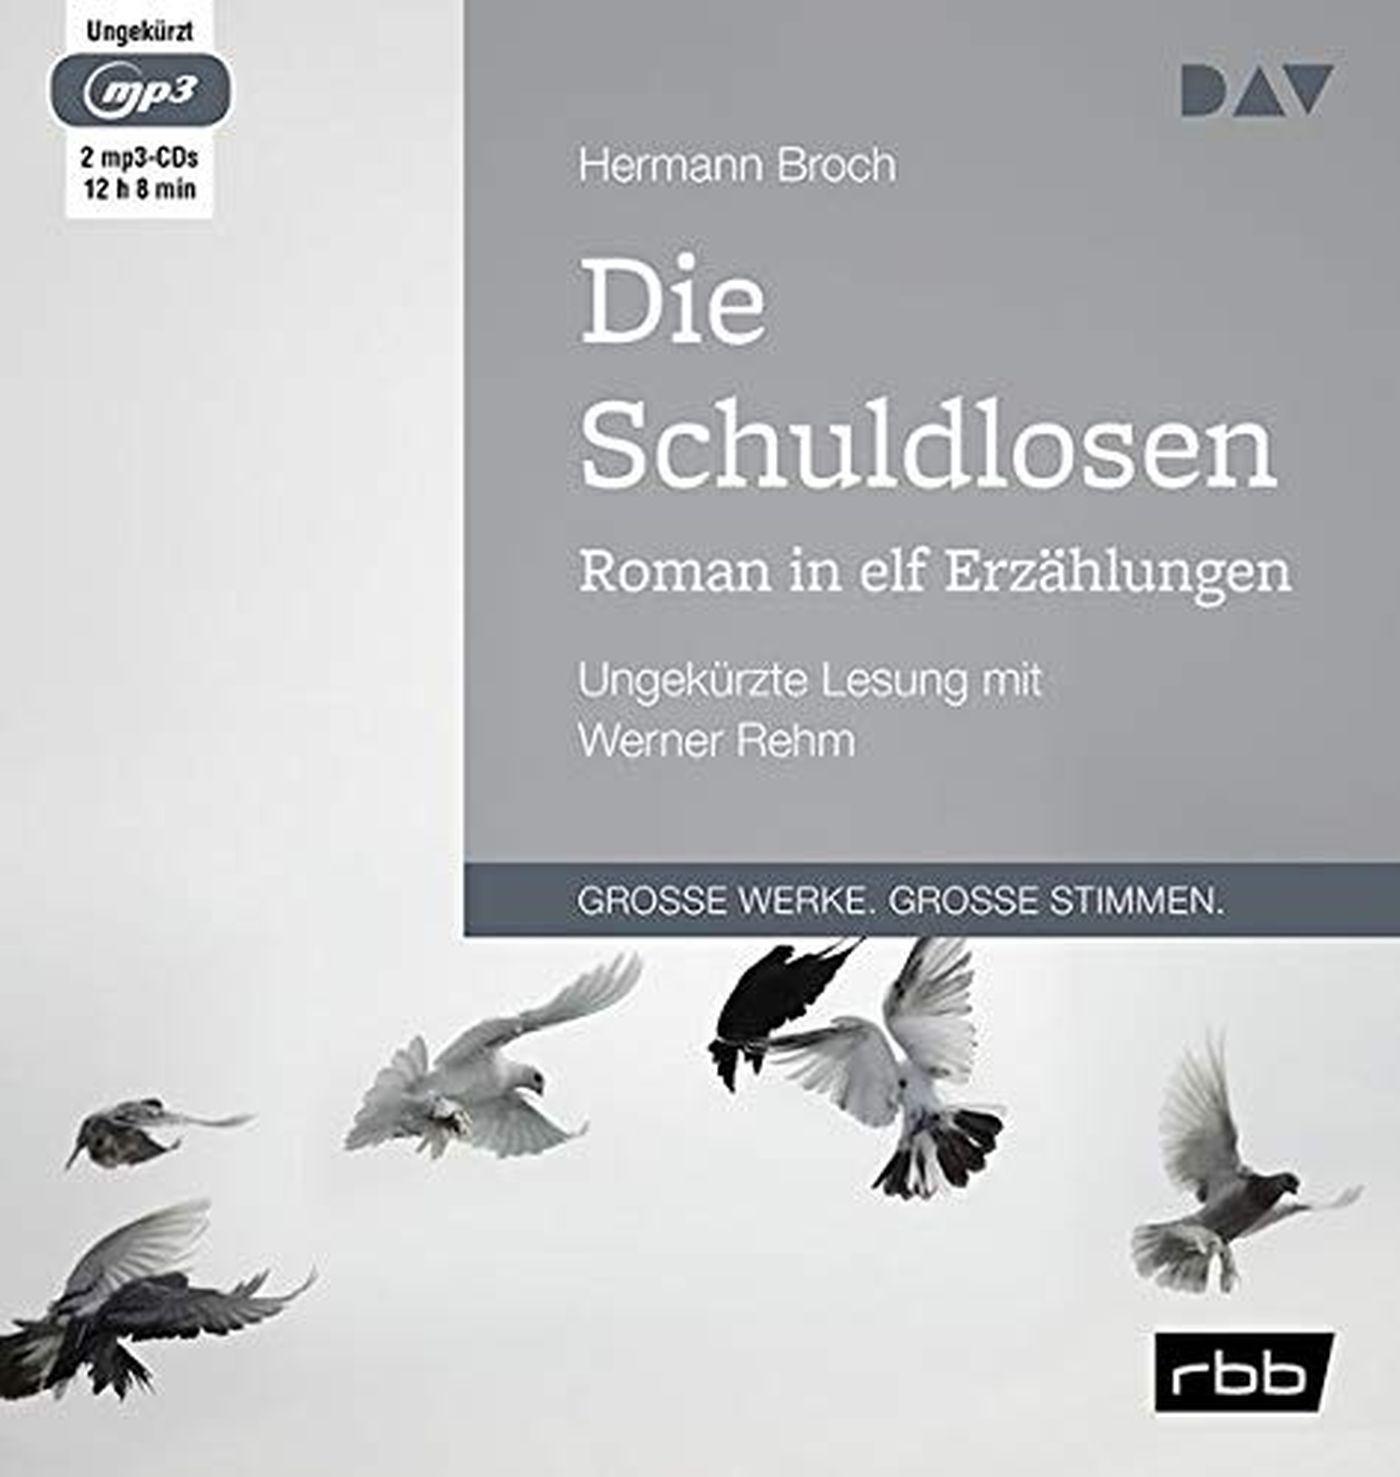 Hermann Broch - Die Schuldlosen. Roman in elf Erzählungen